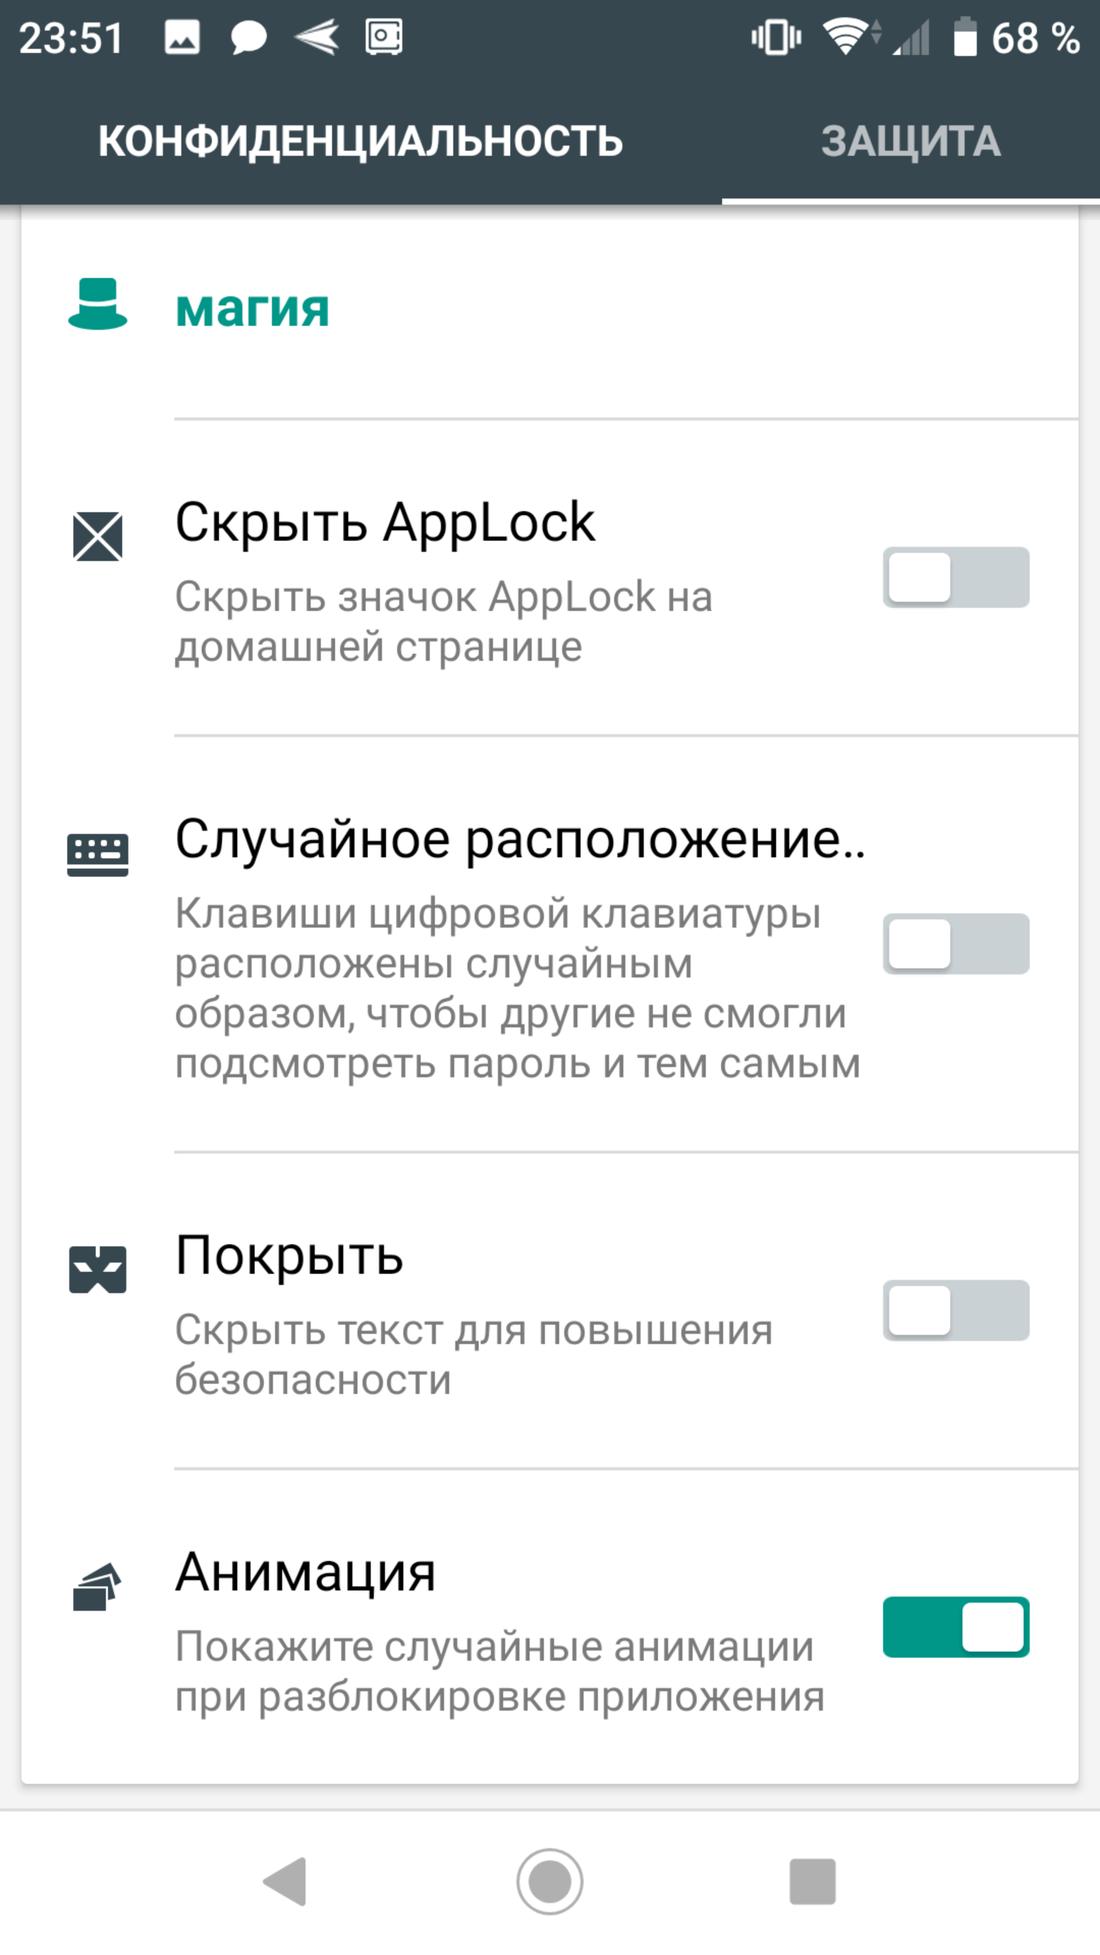 Скриншот #6 из программы AppLock